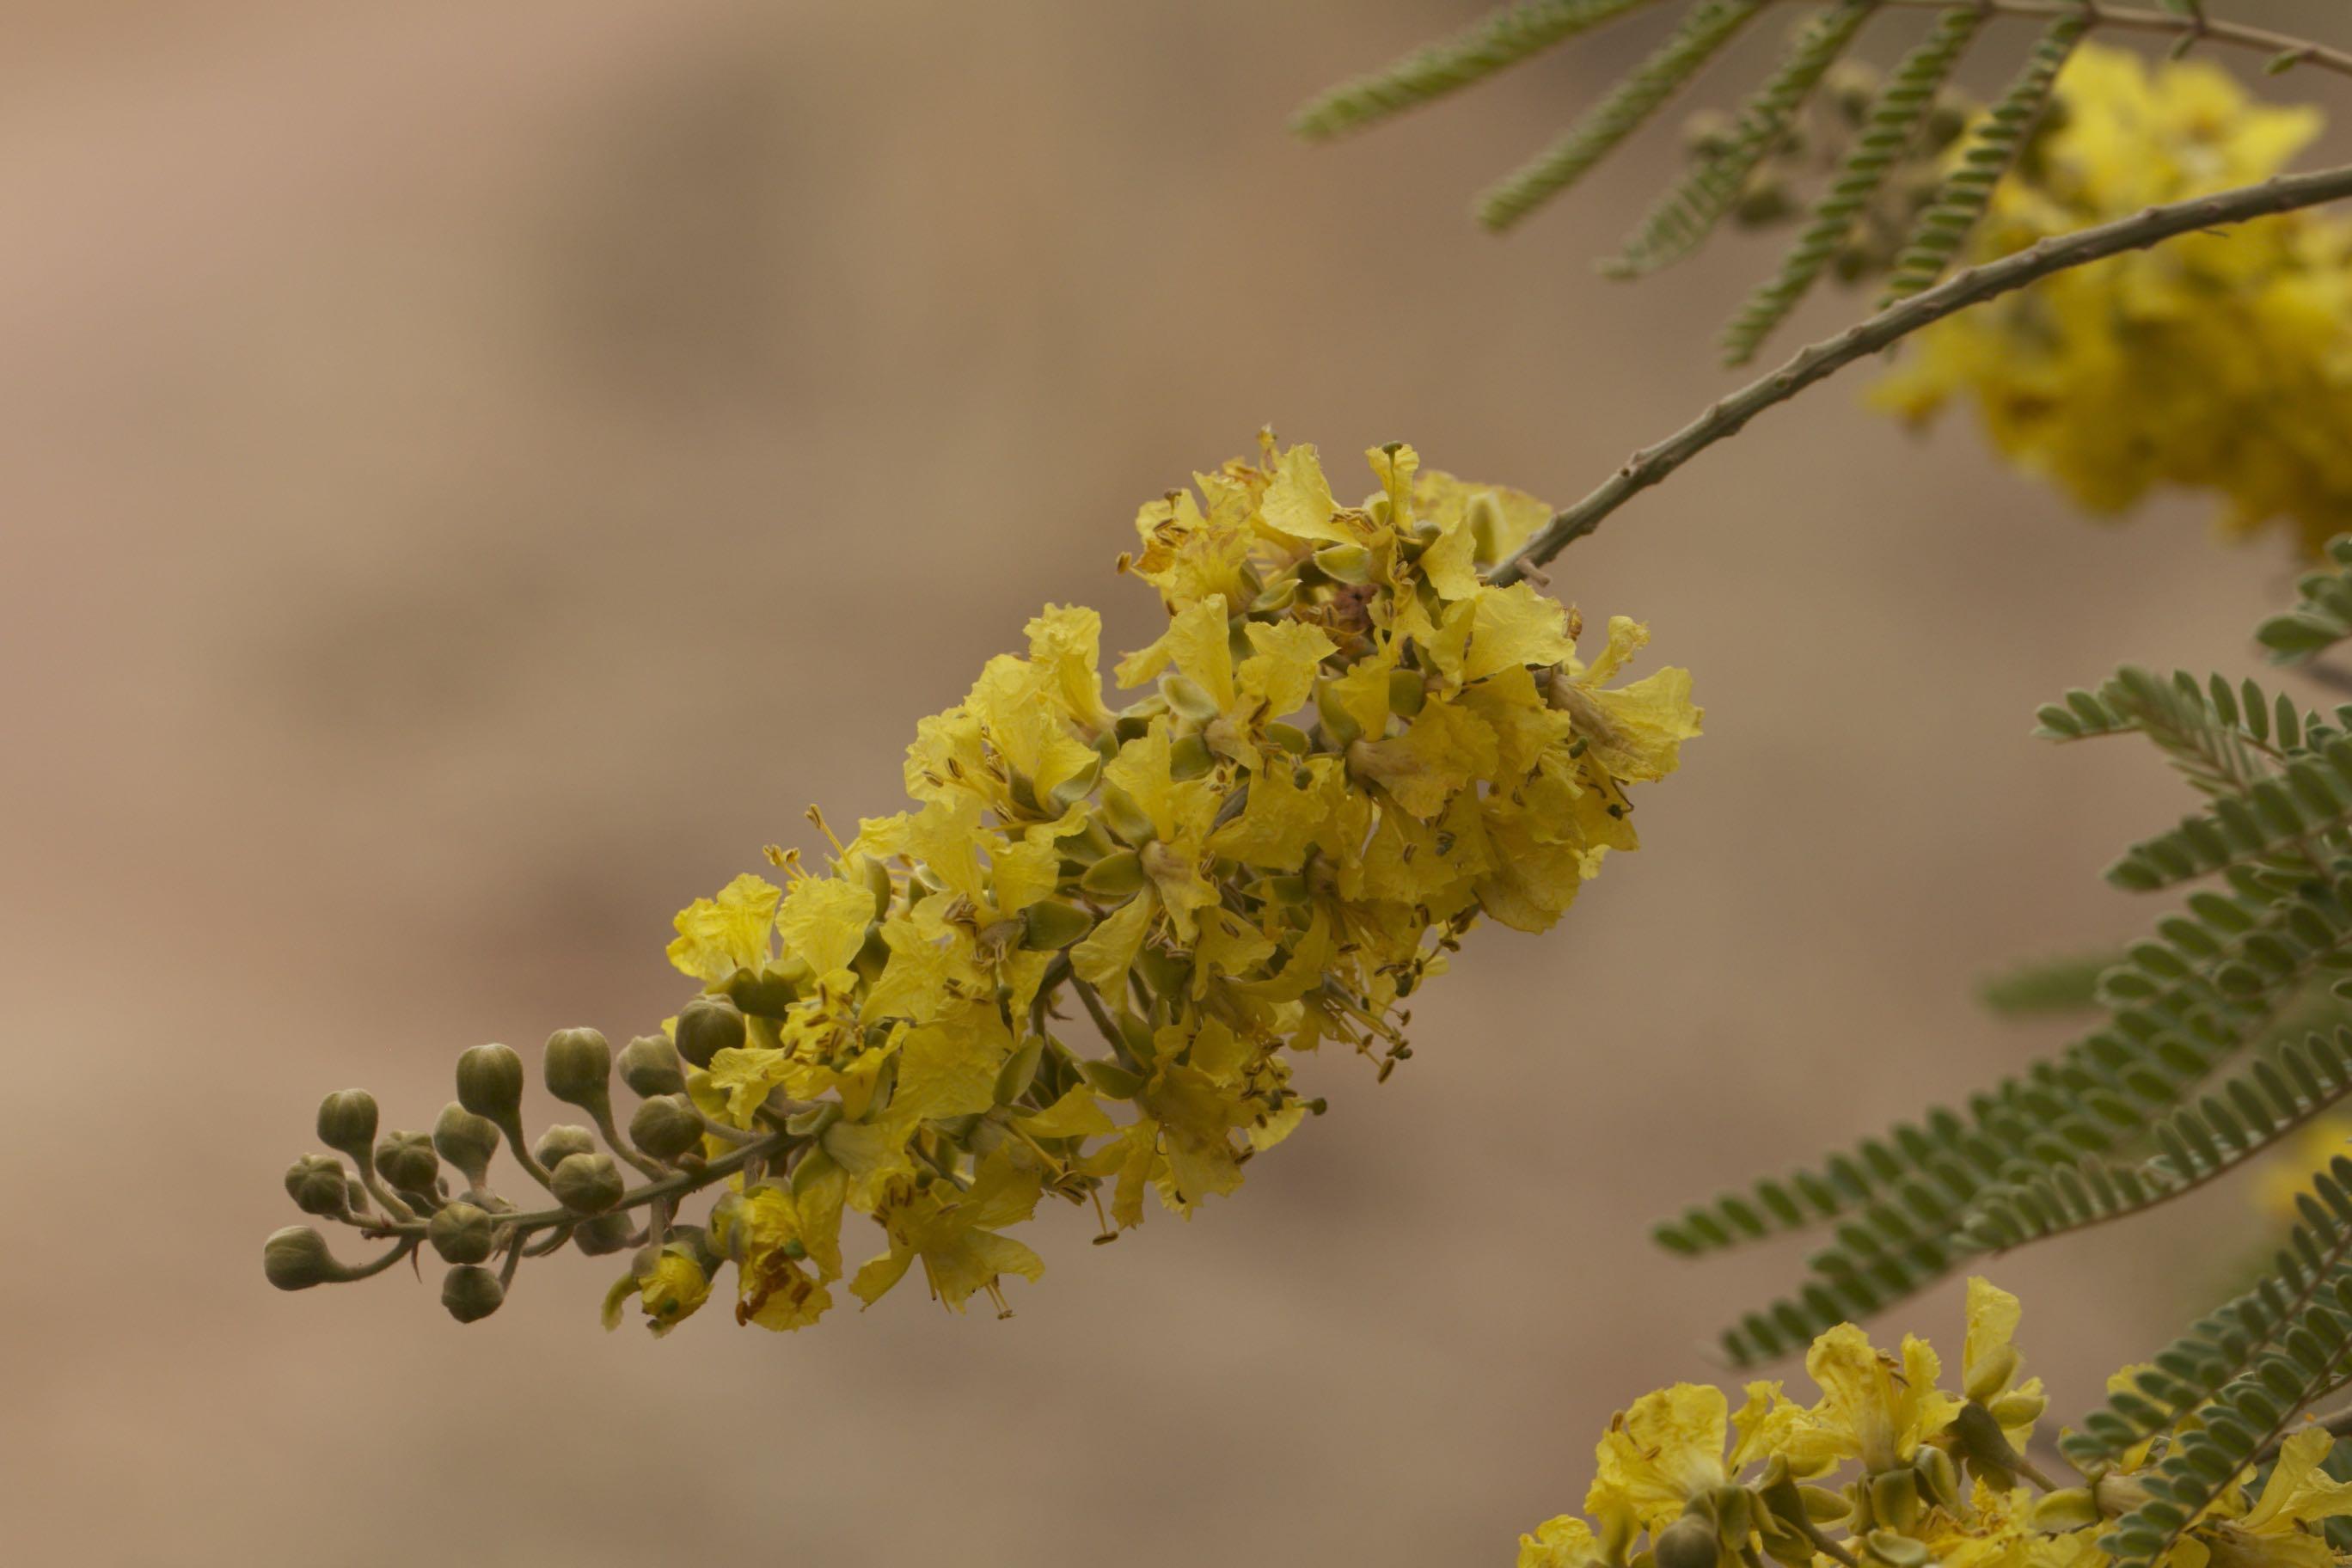 African Wattle flowers